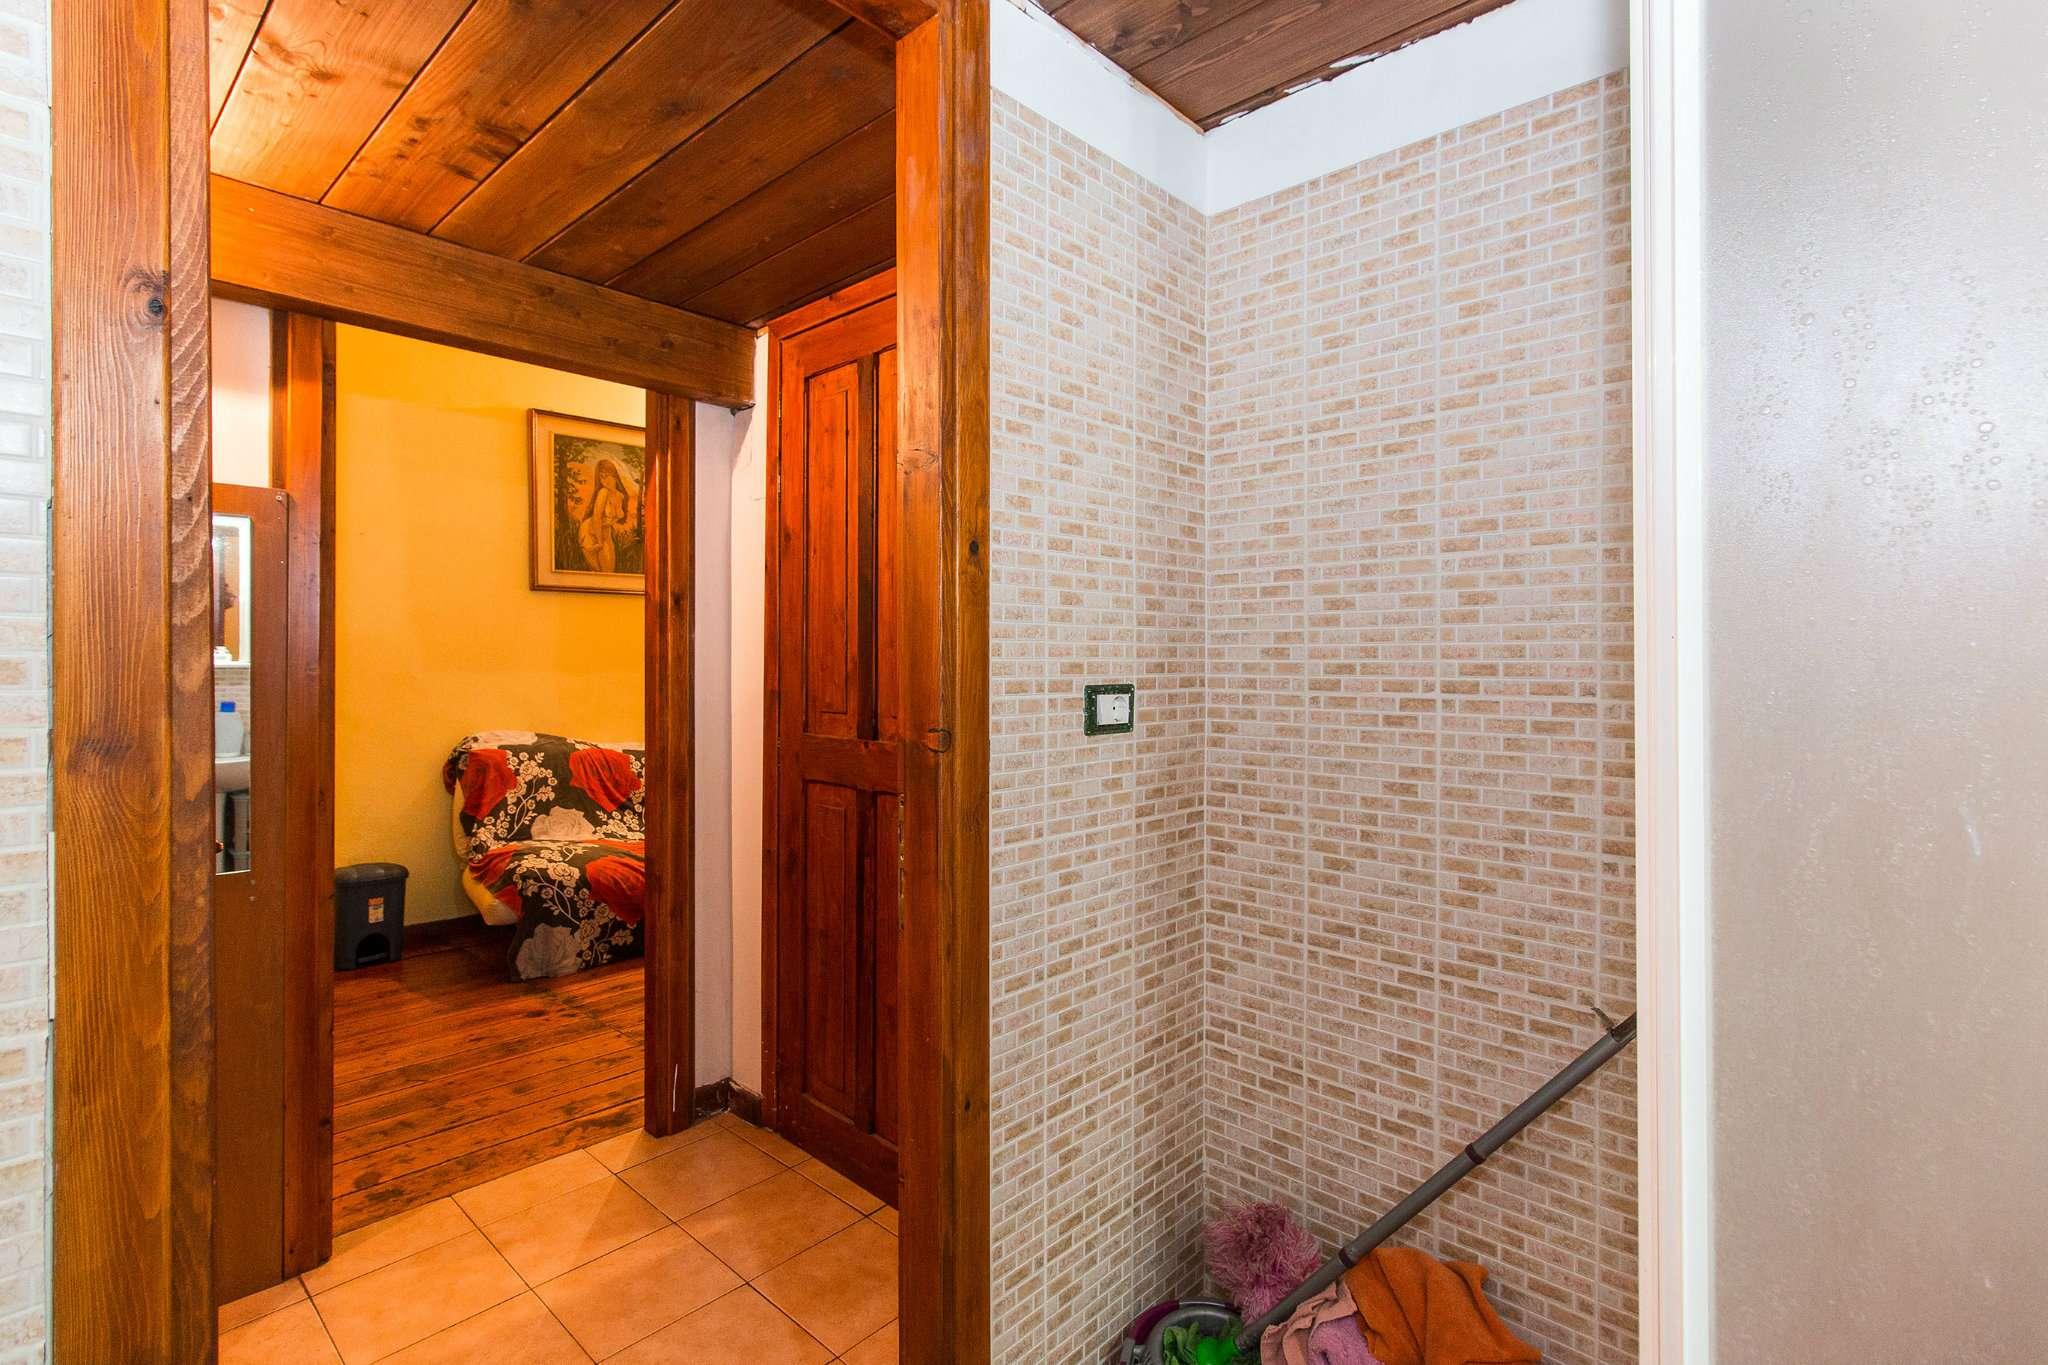 Foto 17 di Bilocale via lombroso 24, Torino (zona San Salvario)